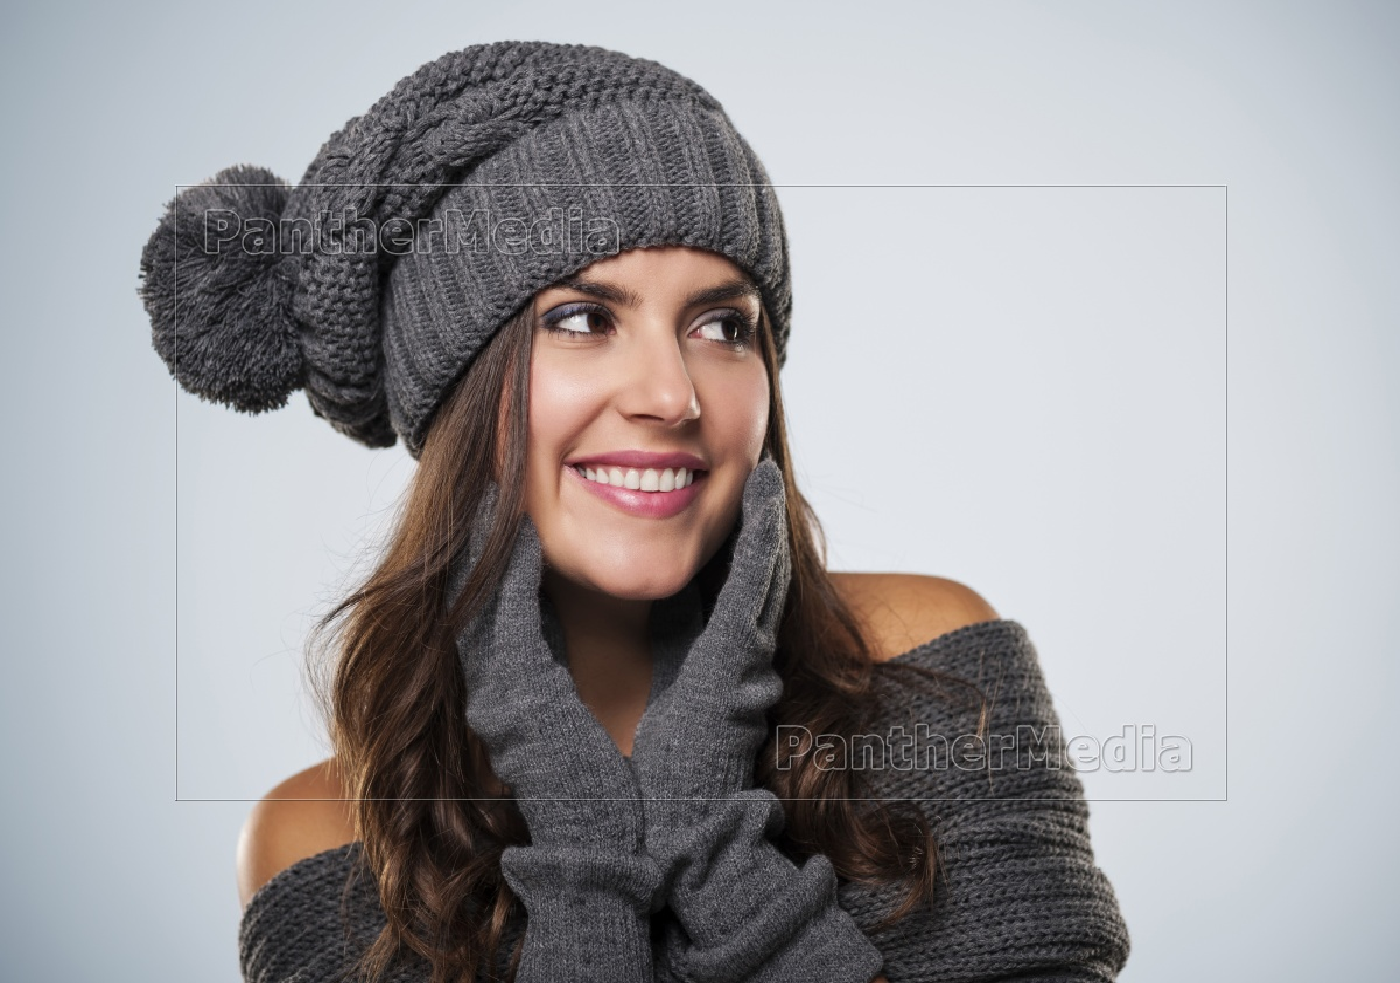 splendida, giovane, donna, che, indossa, abiti - 12112648